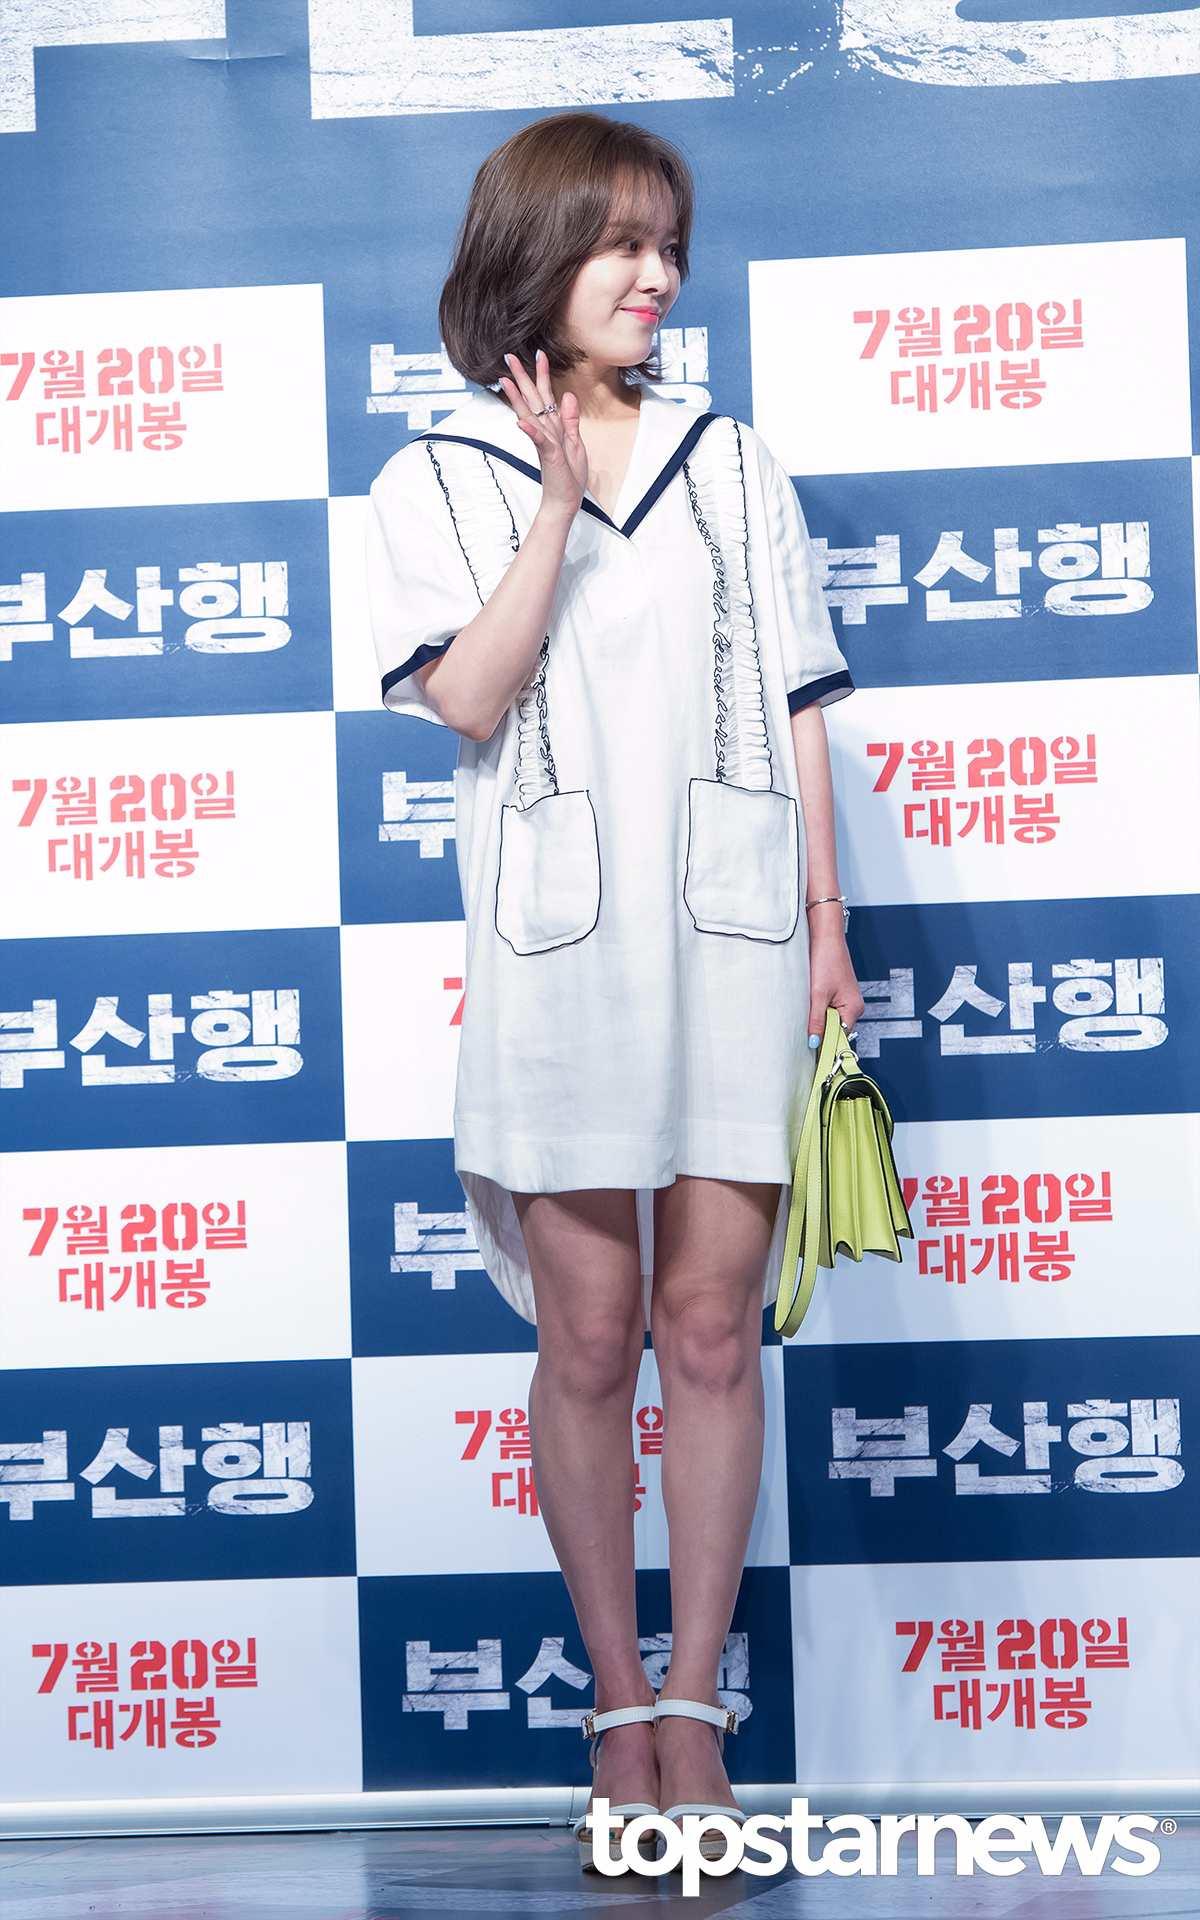 韓志旼 ✪ 亮眼童顏LOOK 韓志旼(82年生)的海軍裝充滿了可愛魅力,童顏外貌和亮眼的連衣裙吸睛力十足。沒有太多配飾,只是用純白造型彰顯出特有的樸素之美,手中的包包是一大亮點!